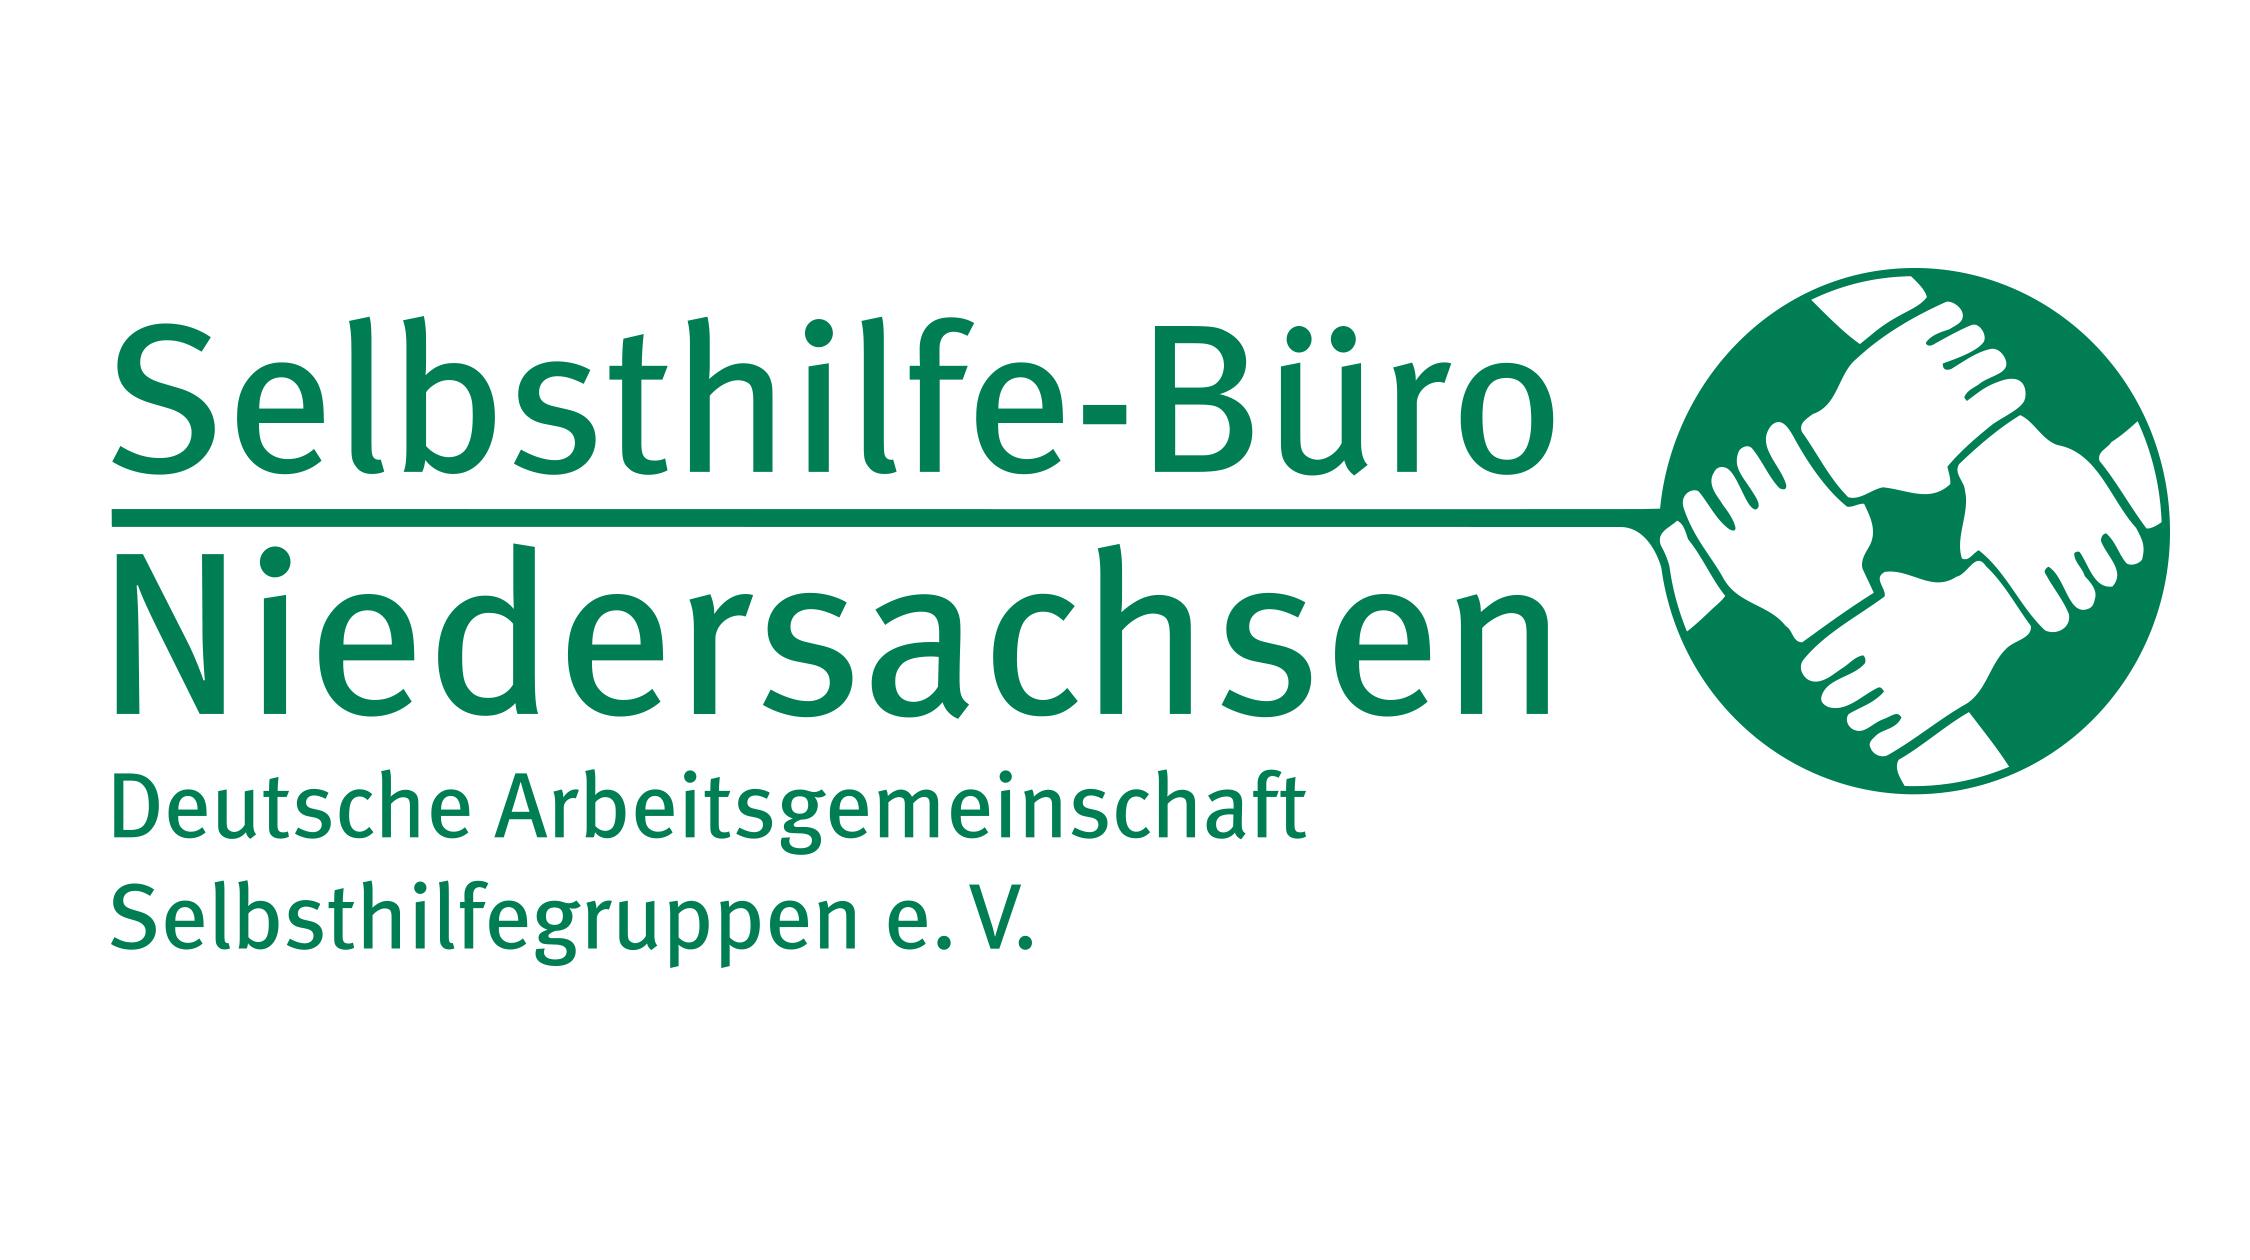 Selbsthilfebüro Niedersachsen